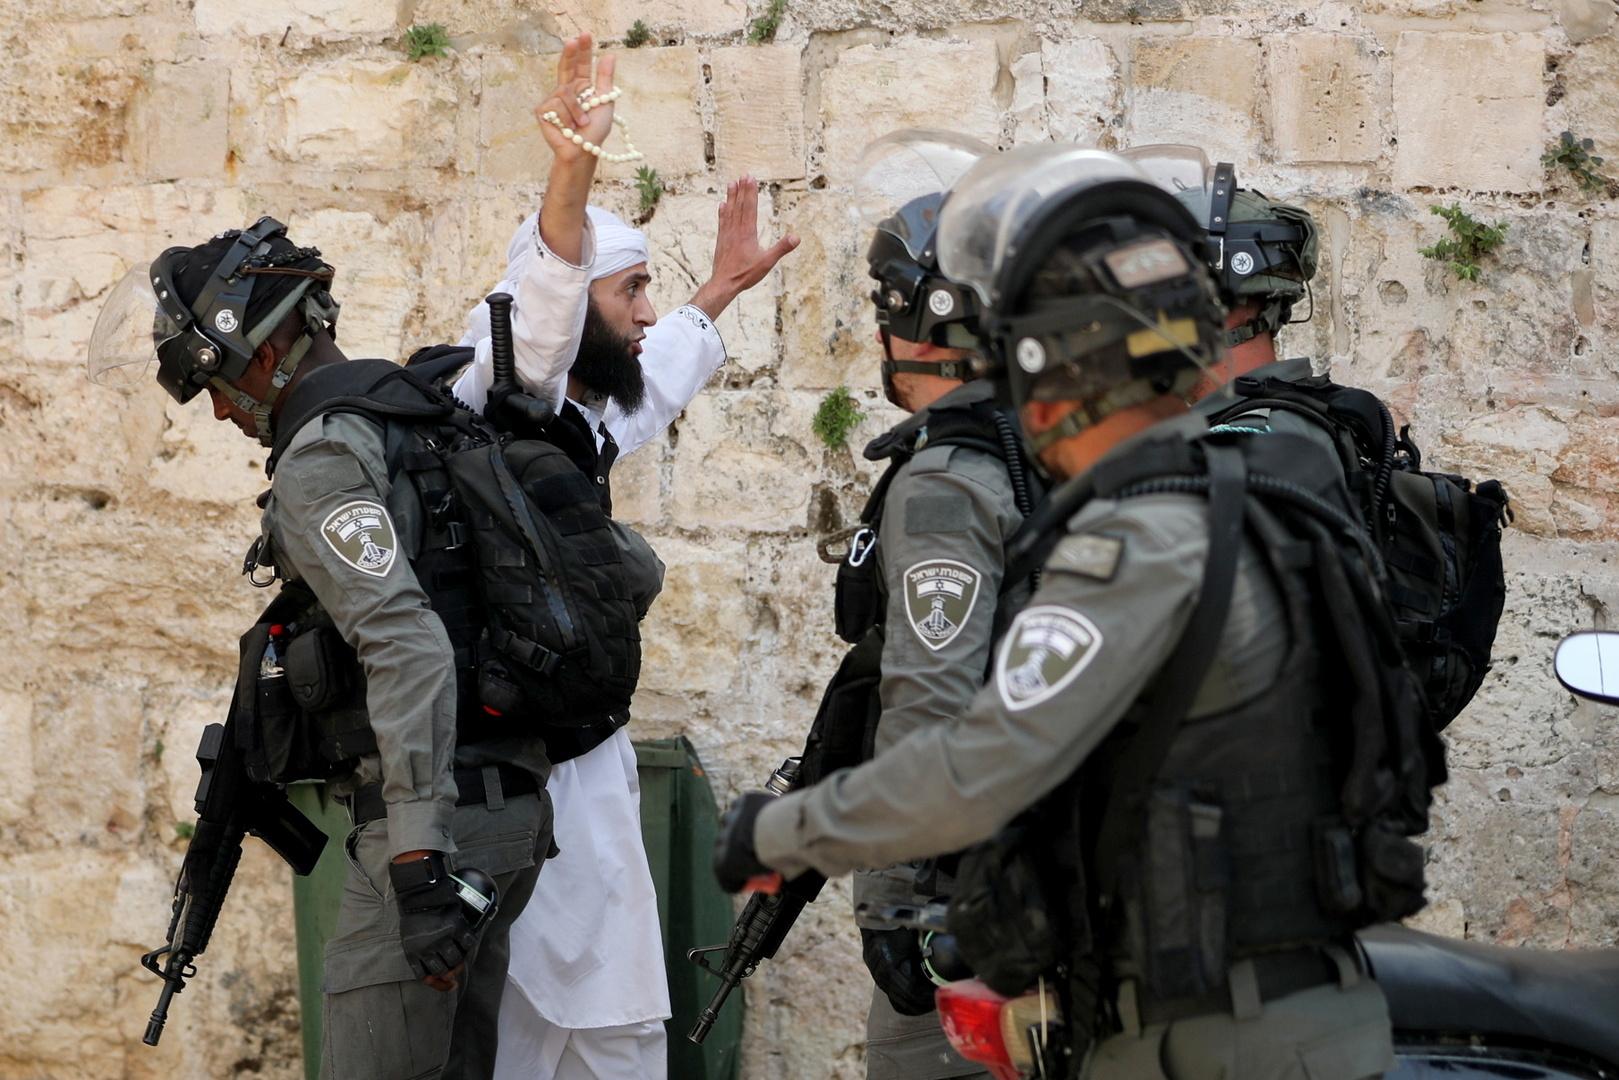 إسرائيل تستدعي 5 آلاف عنصر احتياط  ووزير الدفاع يوعز بمواصلة  قصف غزة